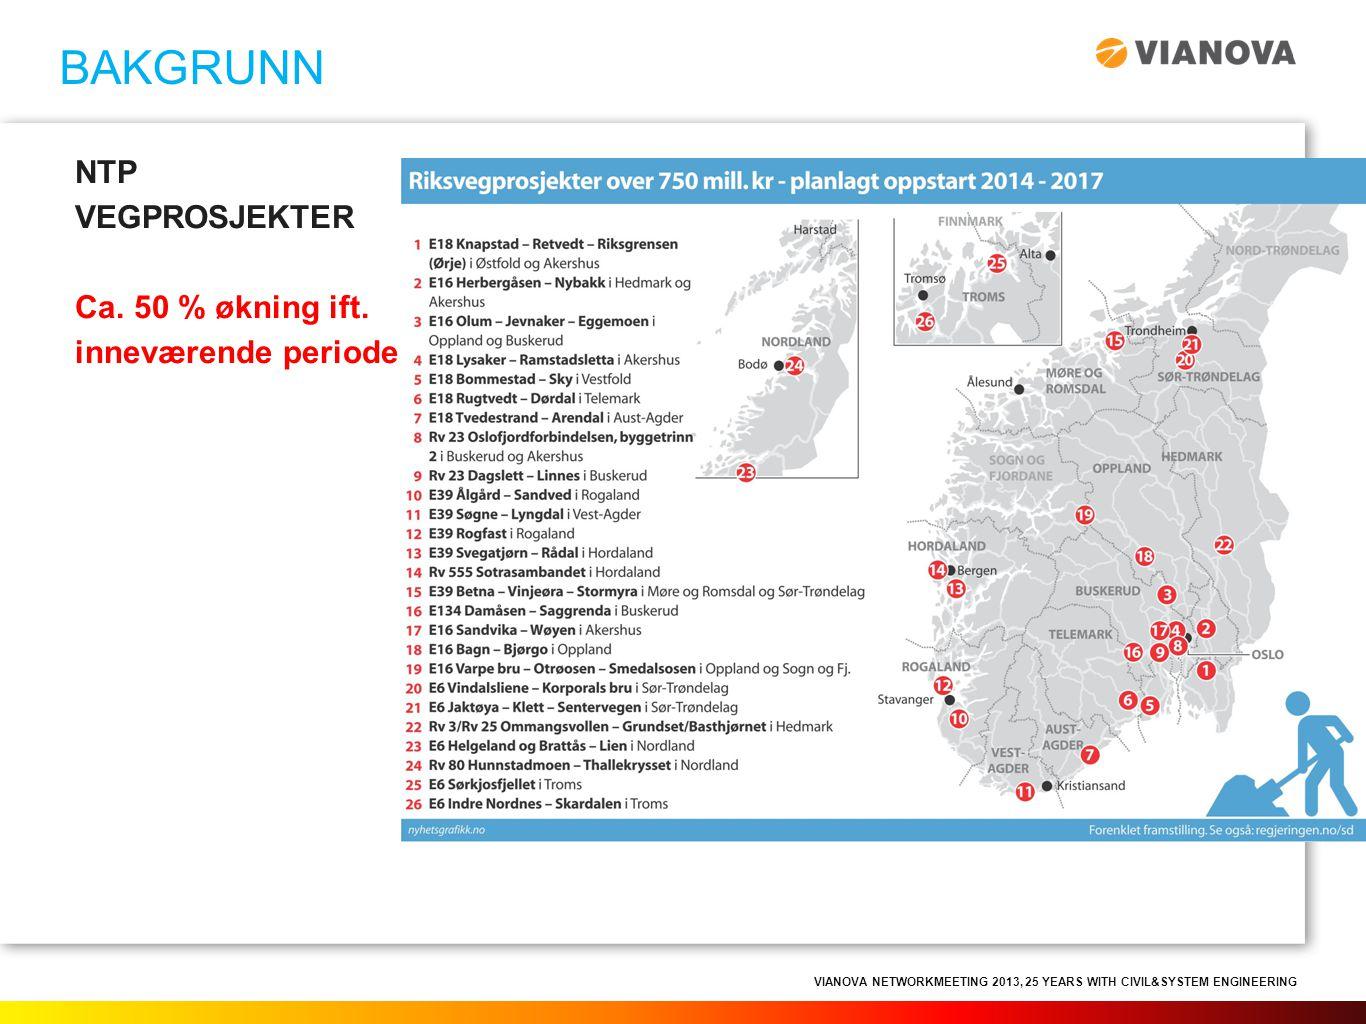 VIANOVA NETWORKMEETING 2013, 25 YEARS WITH CIVIL&SYSTEM ENGINEERING NTP VEGPROSJEKTER Ca. 50 % økning ift. inneværende periode BAKGRUNN